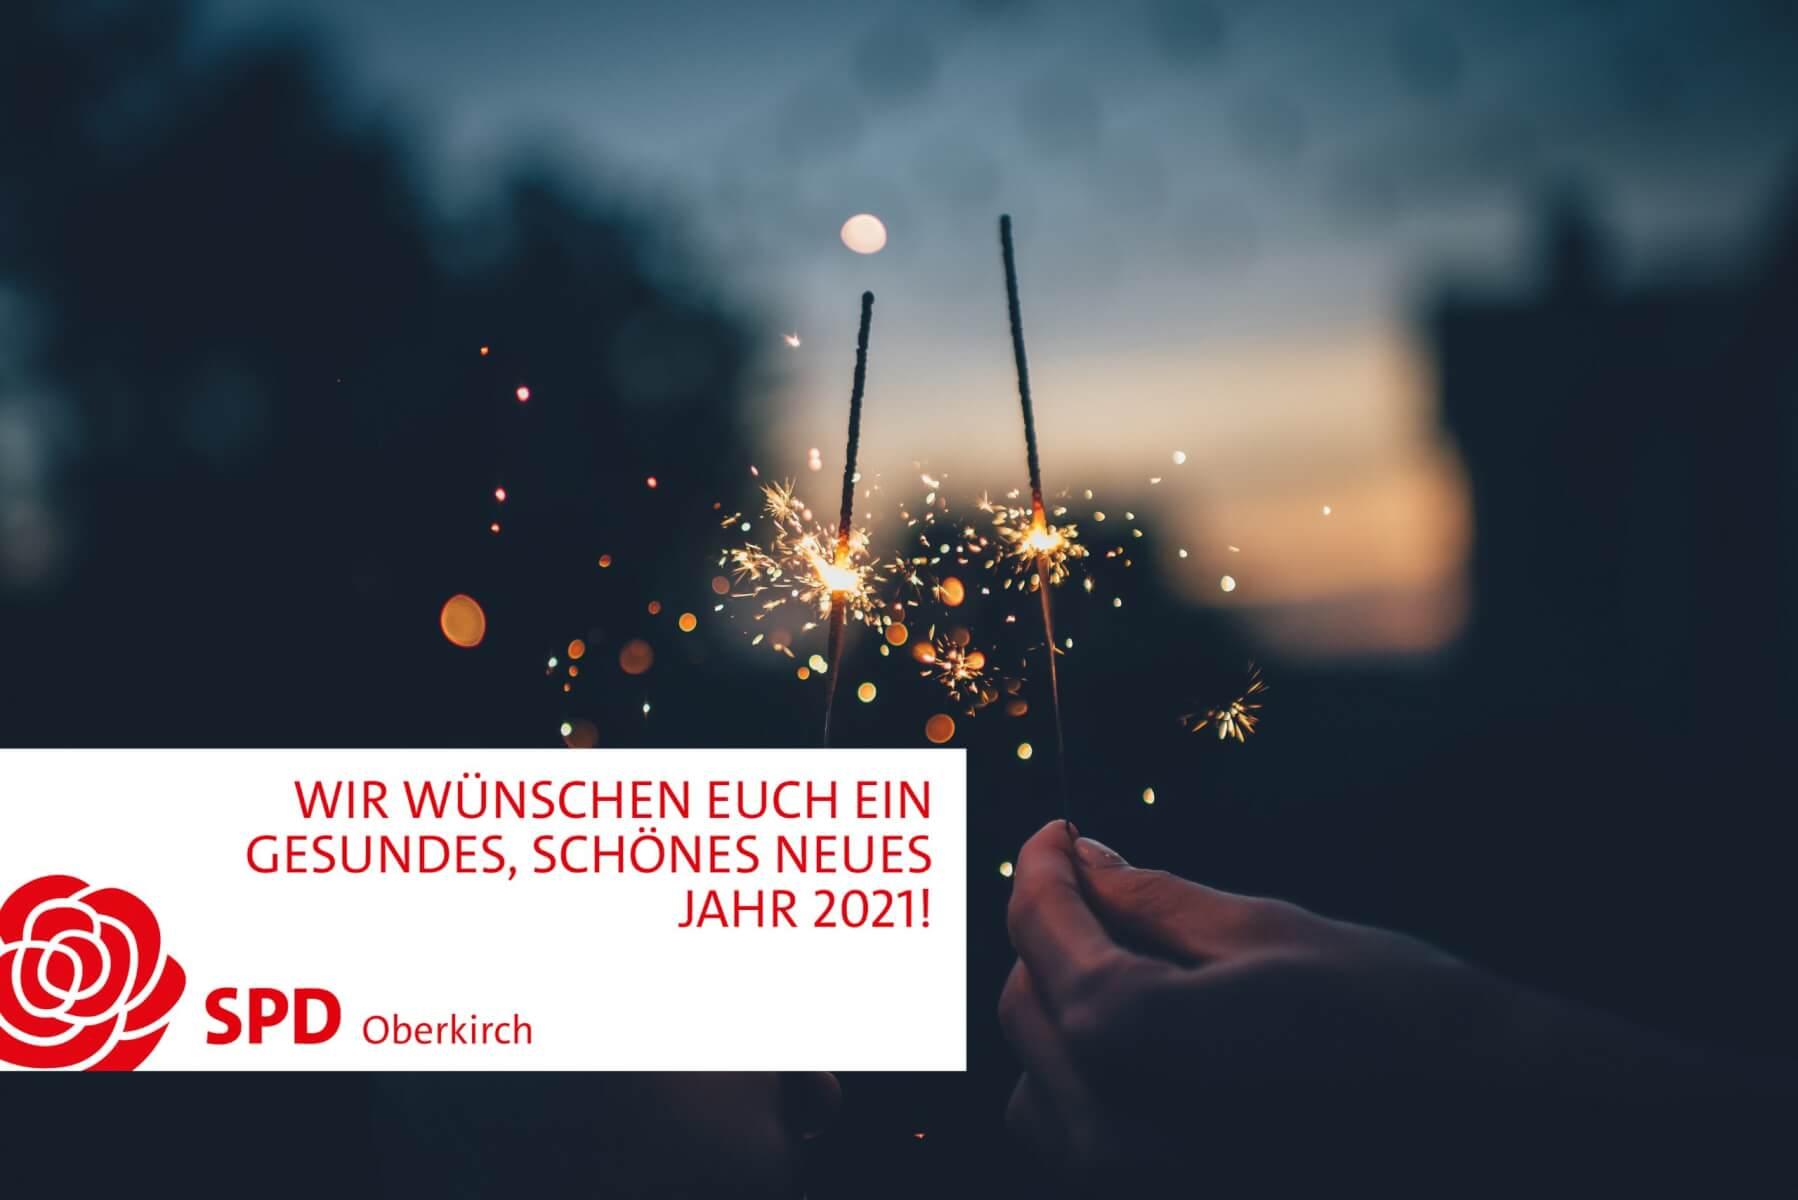 SPD Oberkirch Neujahrswünsche 2021